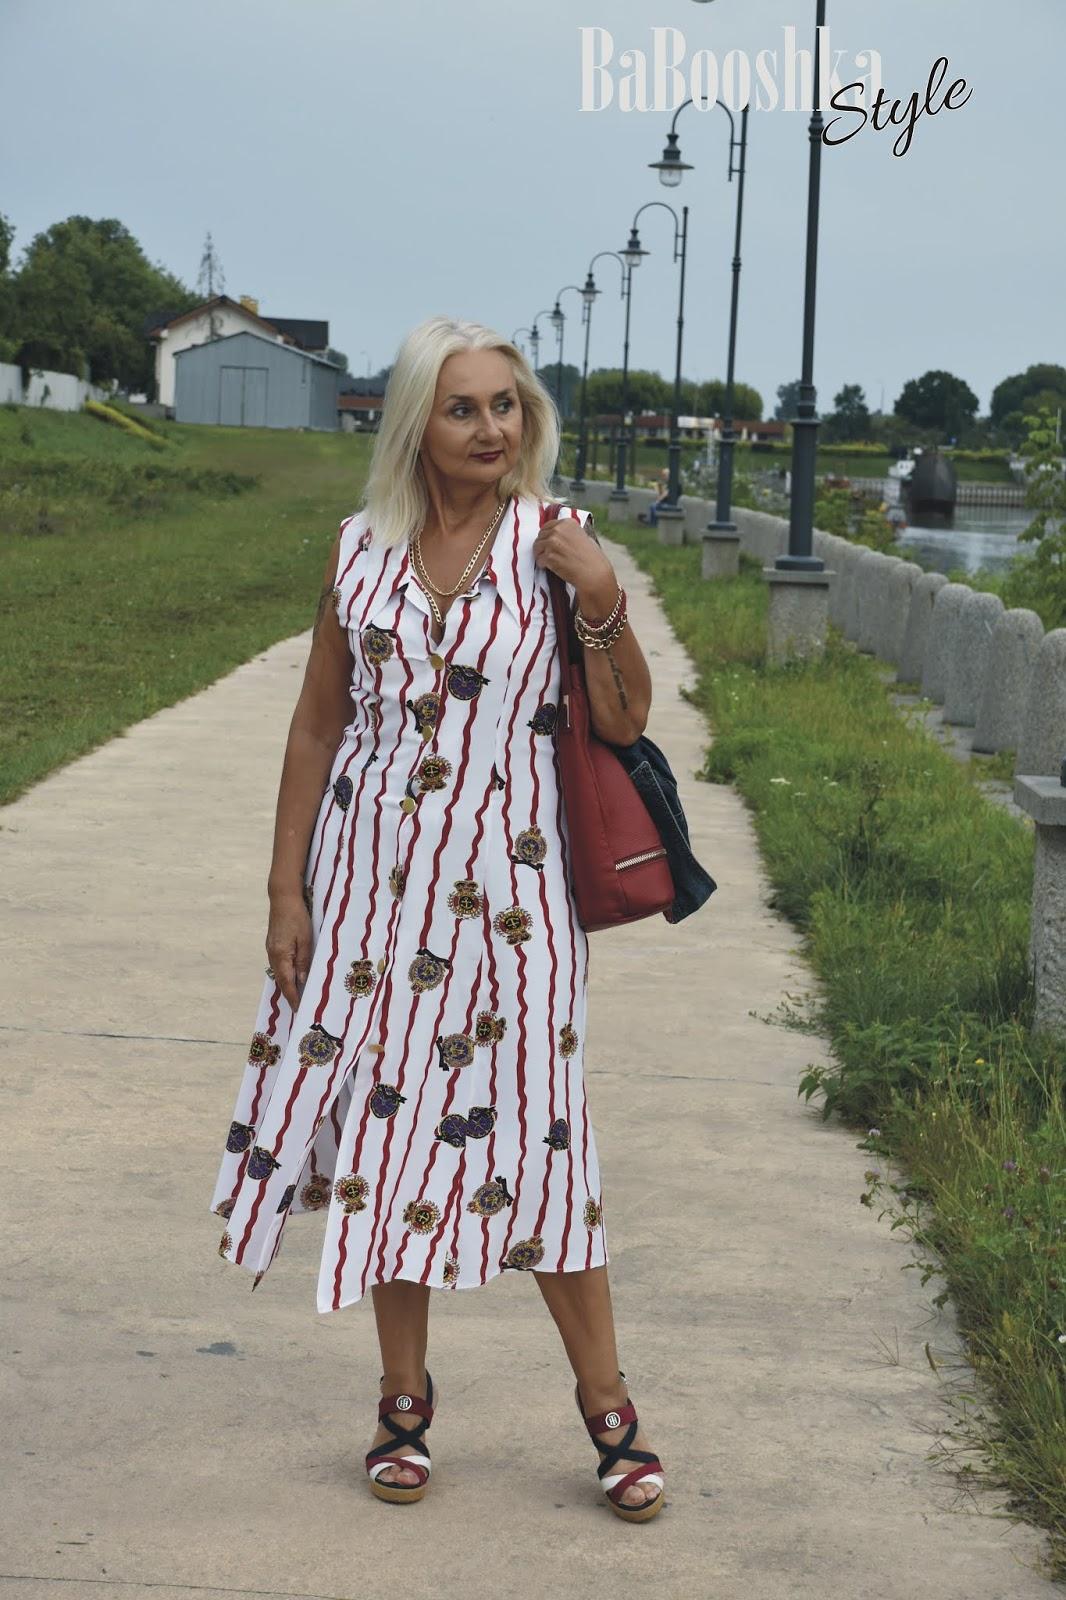 Babooshkastyle, polecam, Tommy Hilfiger, Footway, rozpinana sukienka,  sukienka w marynarskim stylu, over50blogger, stylistka, #personal stylist, marzena walczak stylist